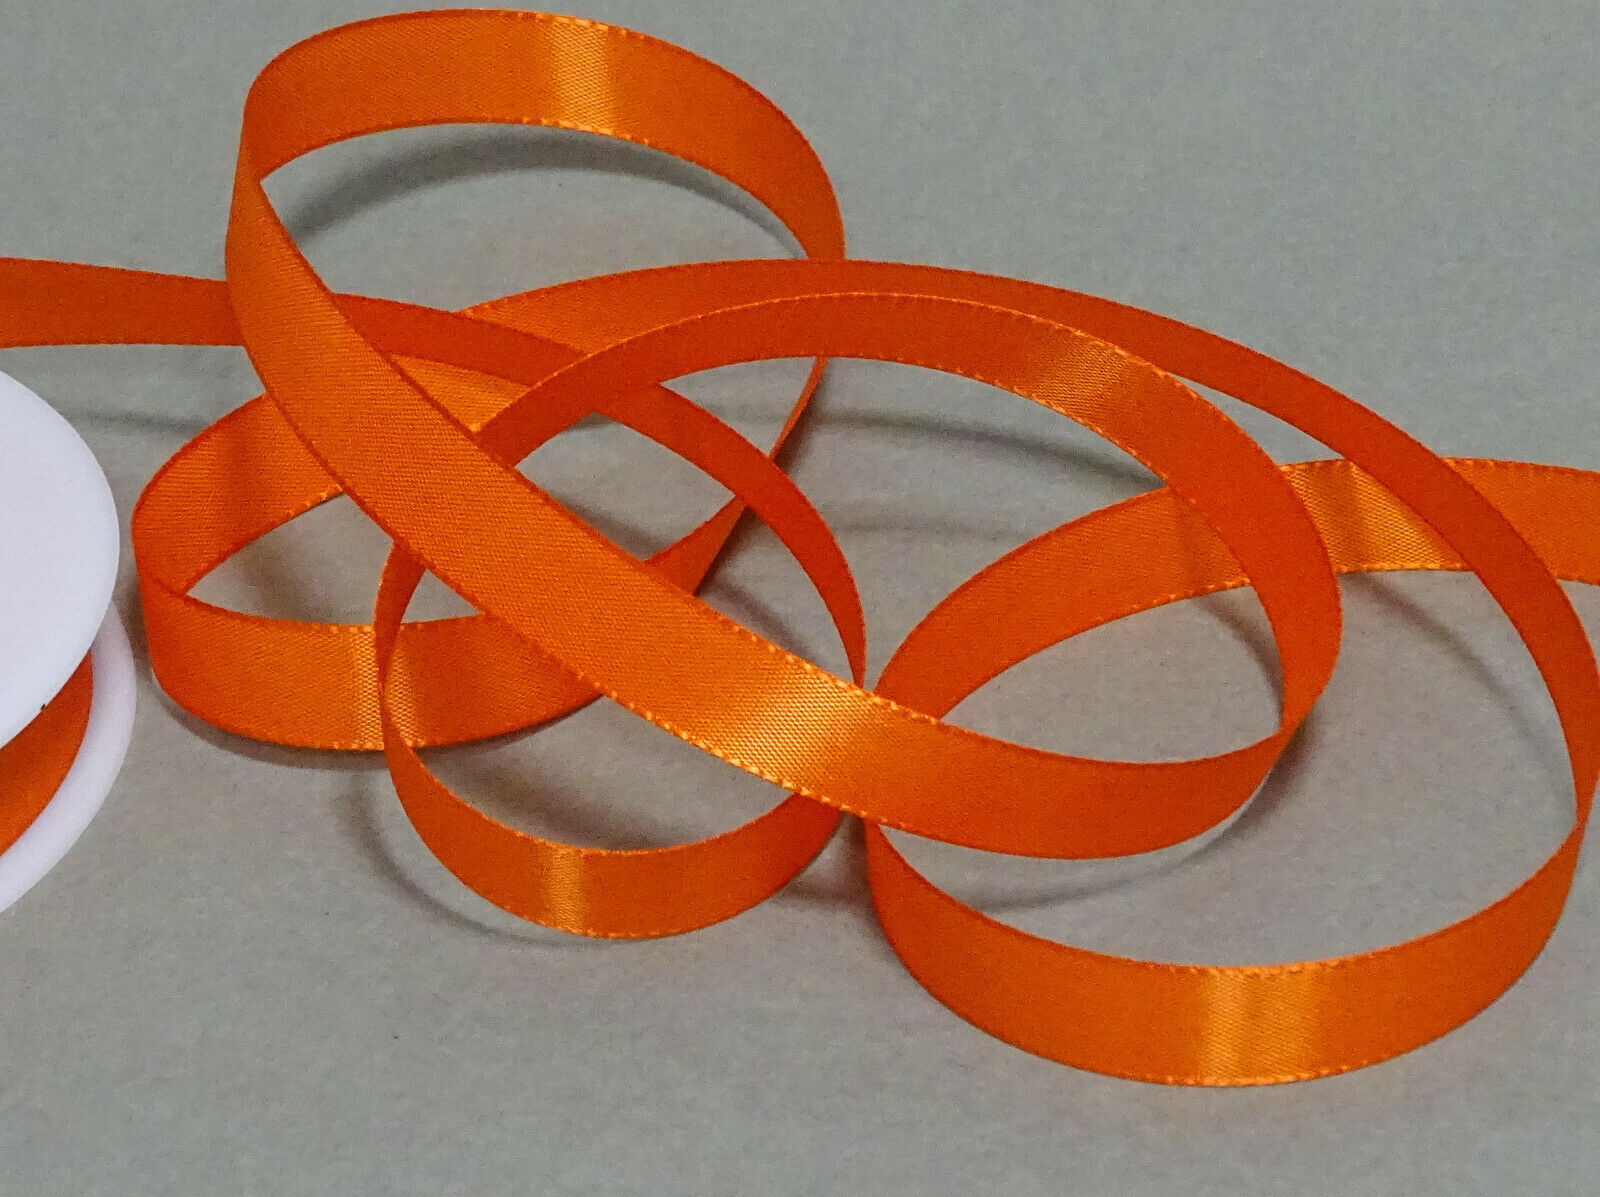 Seidenband Schleifenband 50 m x 15 / 25 / 40mm Dekoband ab 0,08€/m Geschenkband  - Orange 237, 25 mm x 50 m